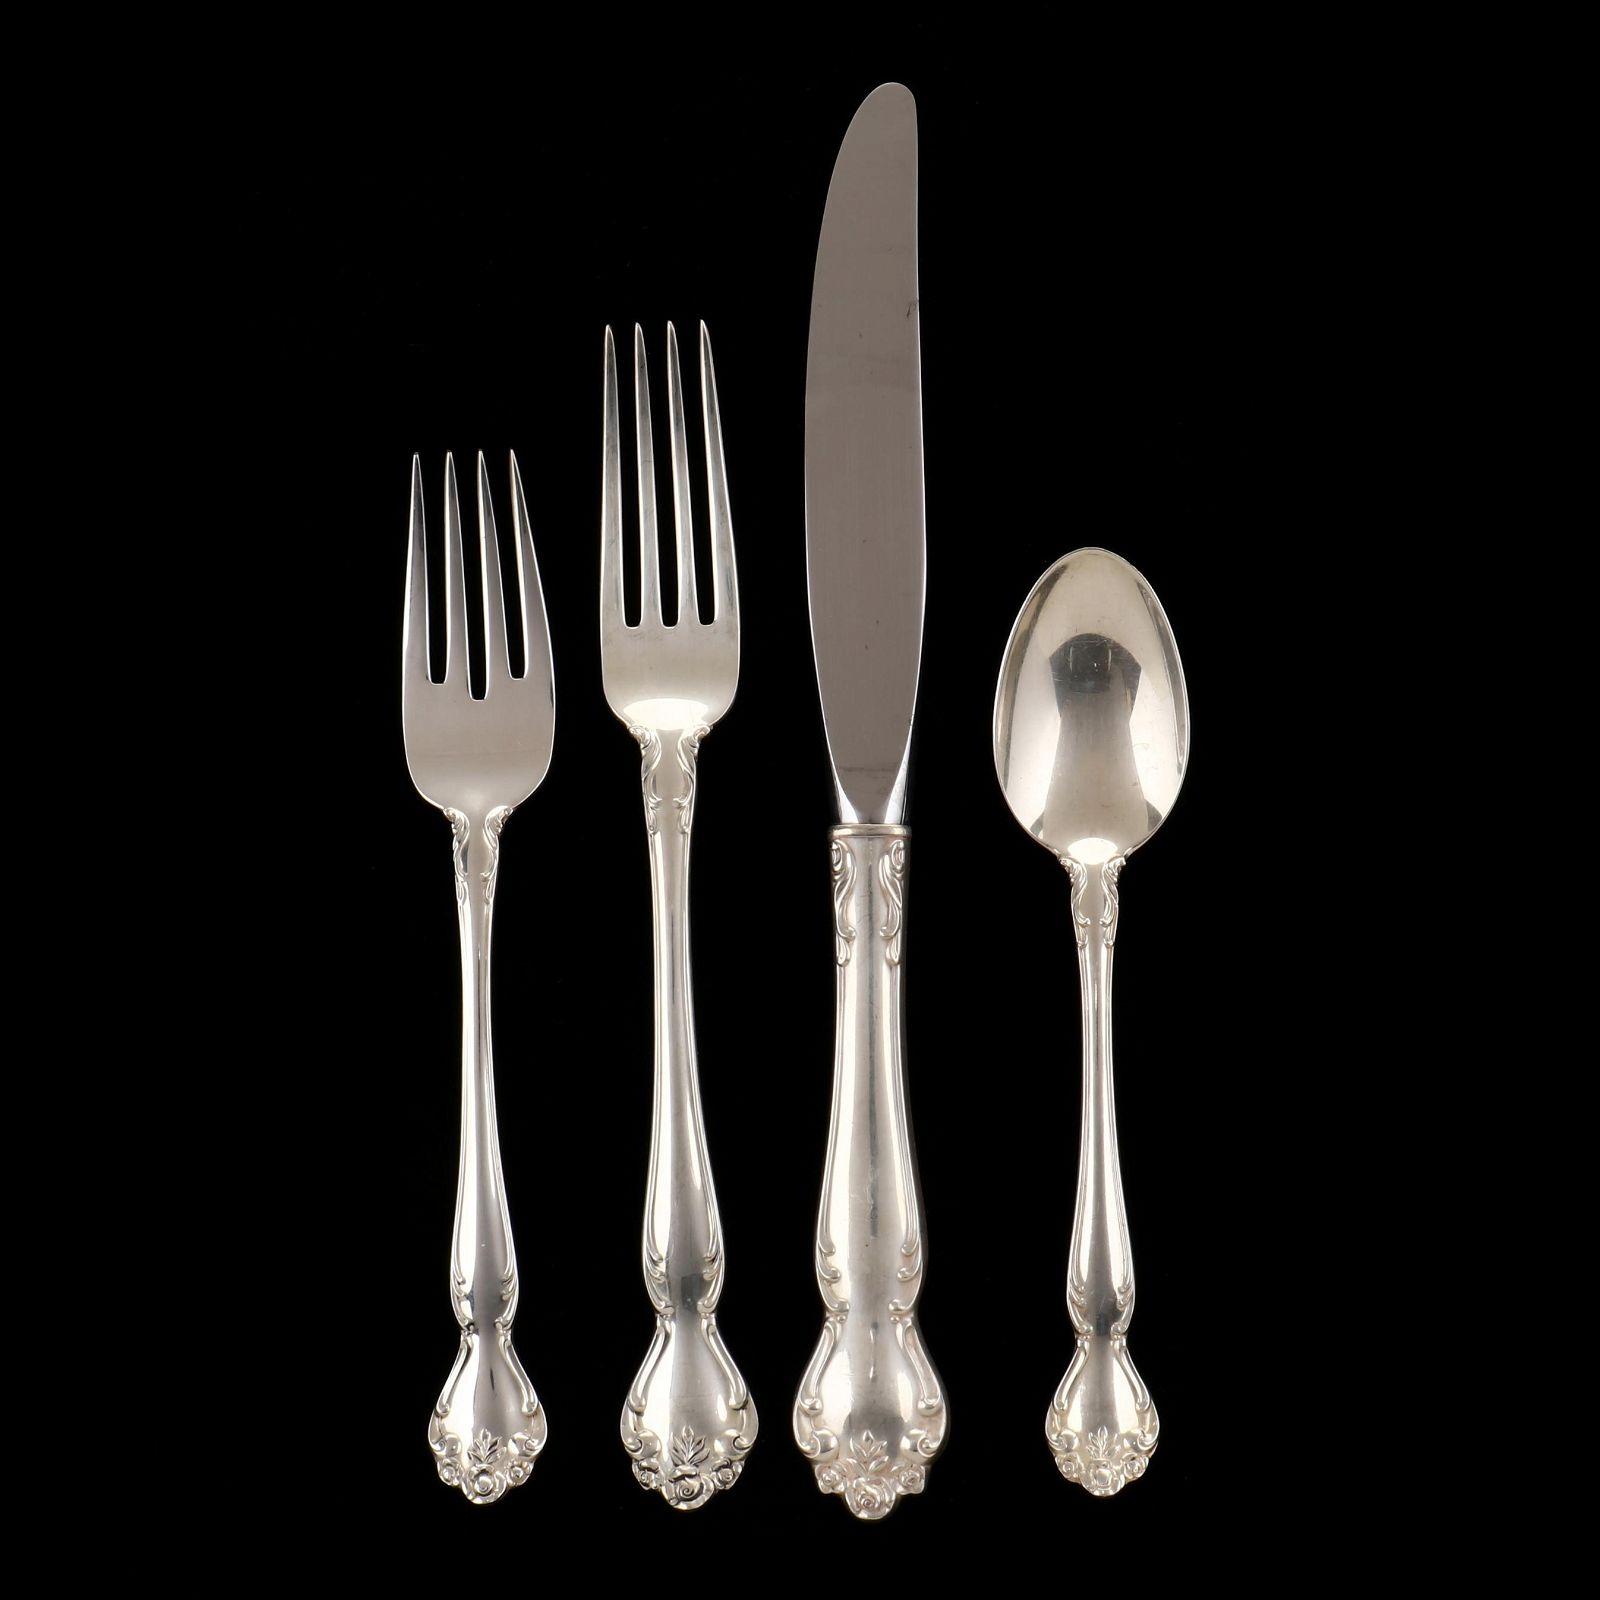 Gorham Secret Garden Sterling Silver Flatware Service